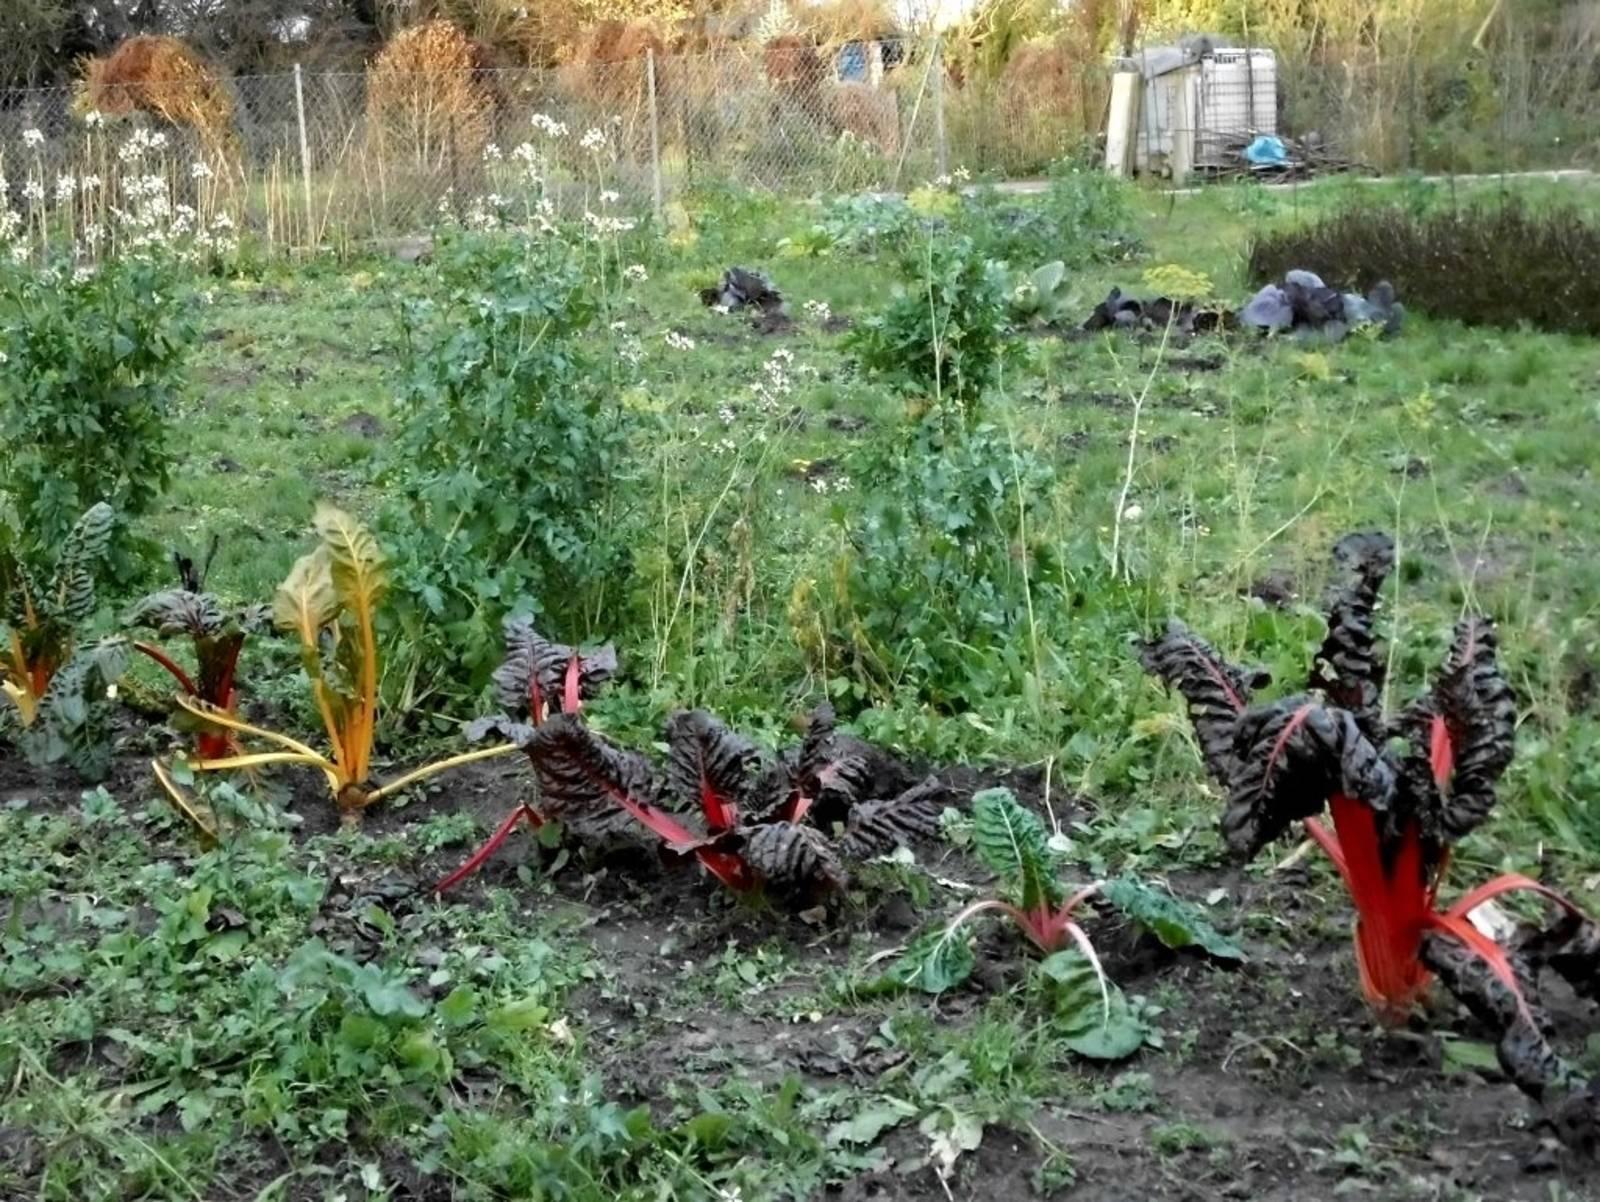 Kleingarten in Hainholz mit Mangold